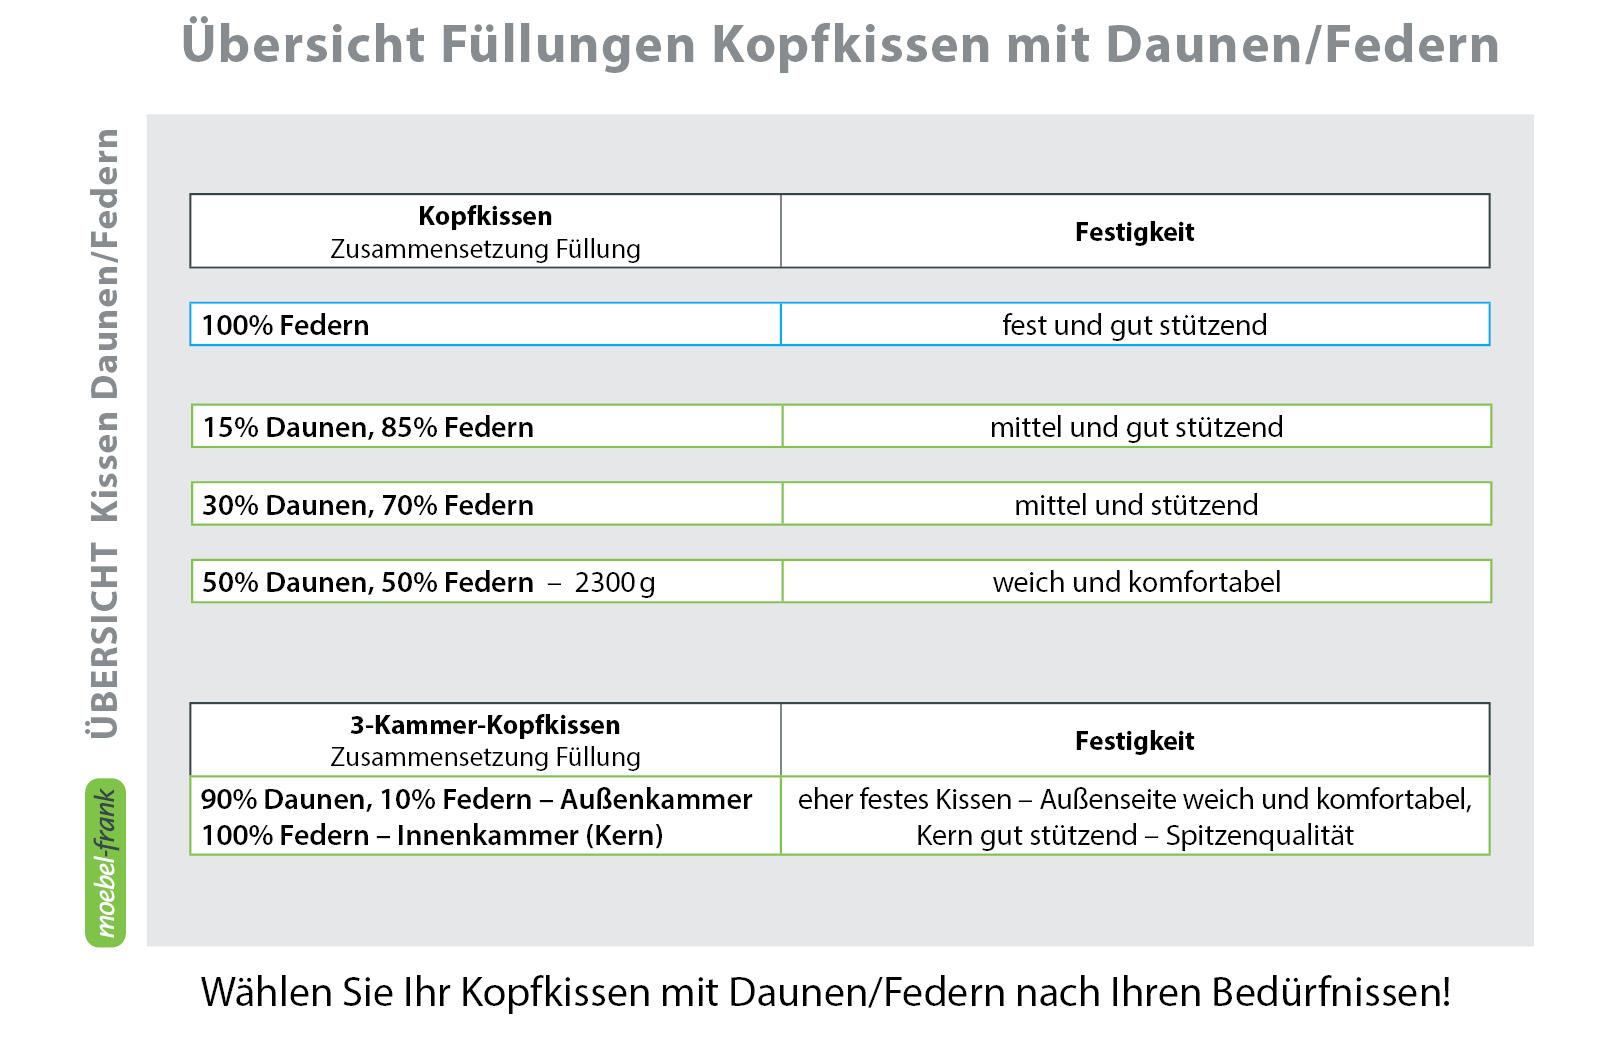 2x 3-Kammer Kopfkissen Premium Kissen Daunen Federn Klasse 1  40x80 Carla – Bild 3